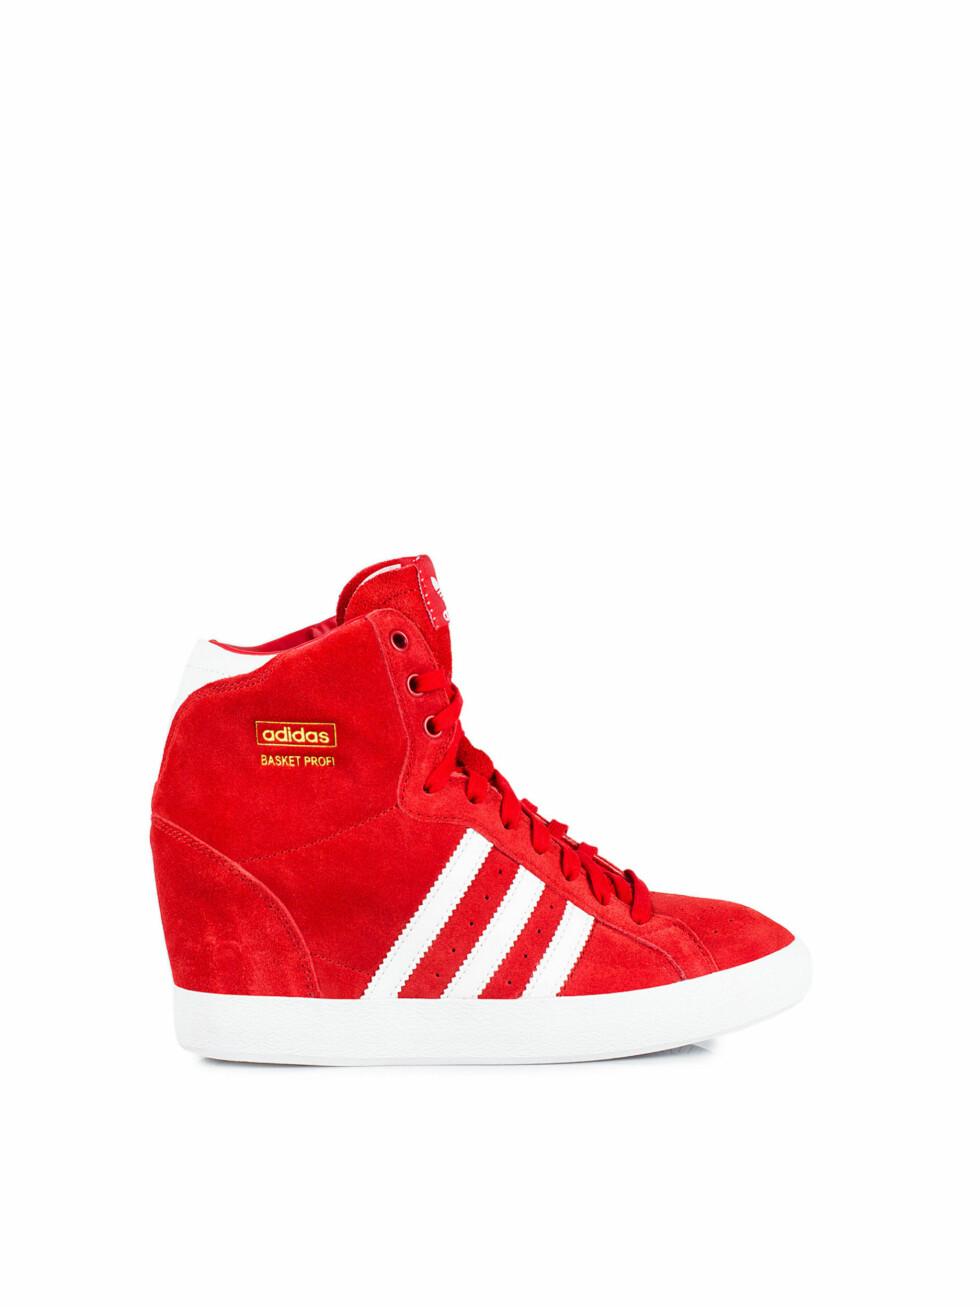 I rødt (kr 1195, Adidas).